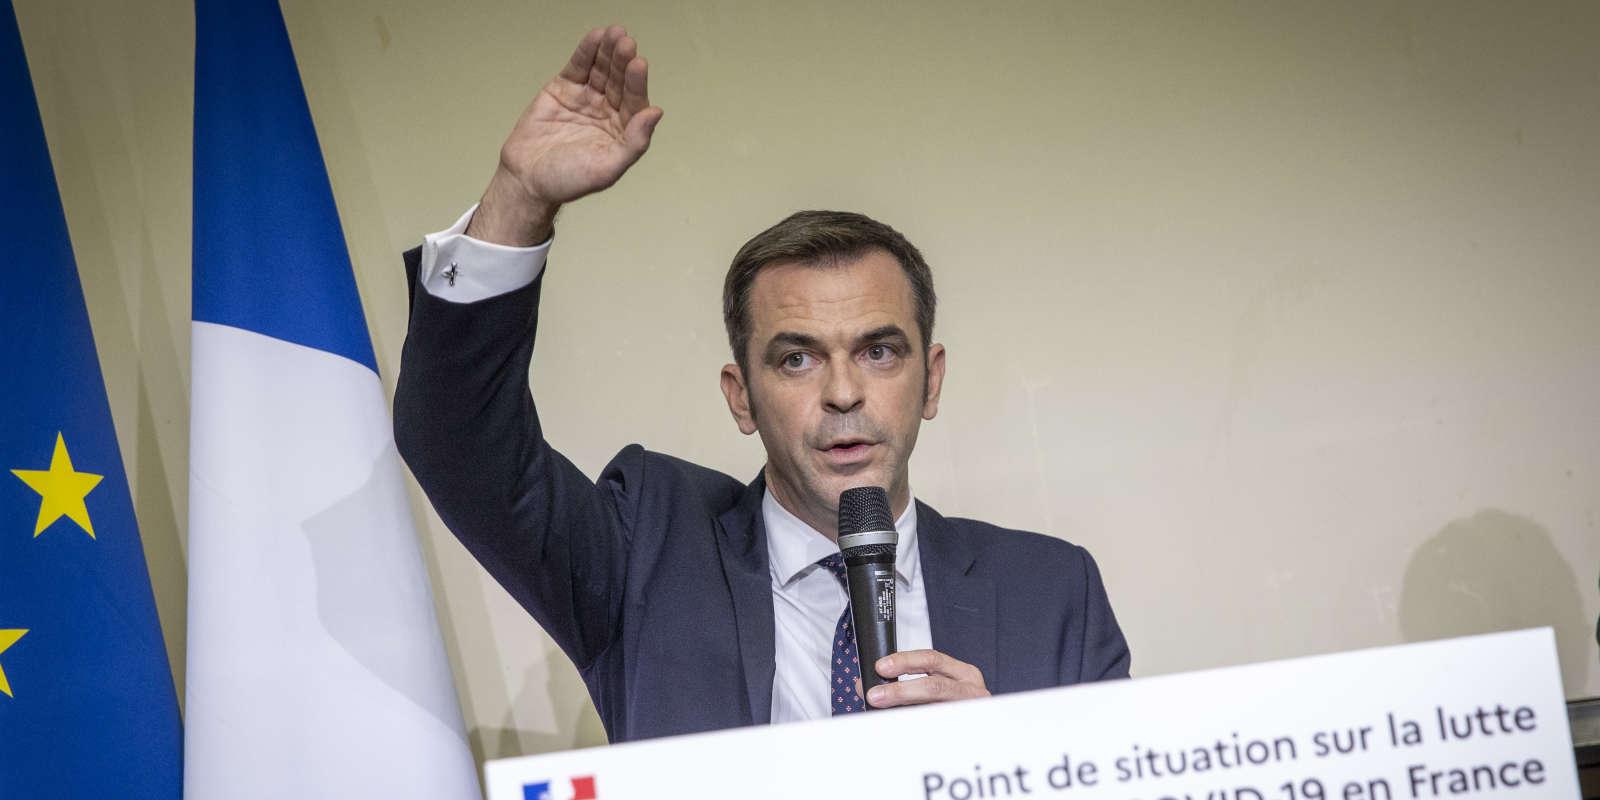 Point sur la situation de la pandémie de Covid-19 par Olivier Véran, ministre de la santé, à l'hôpital Bichat à Paris, jeudi 1er octobre 2020.